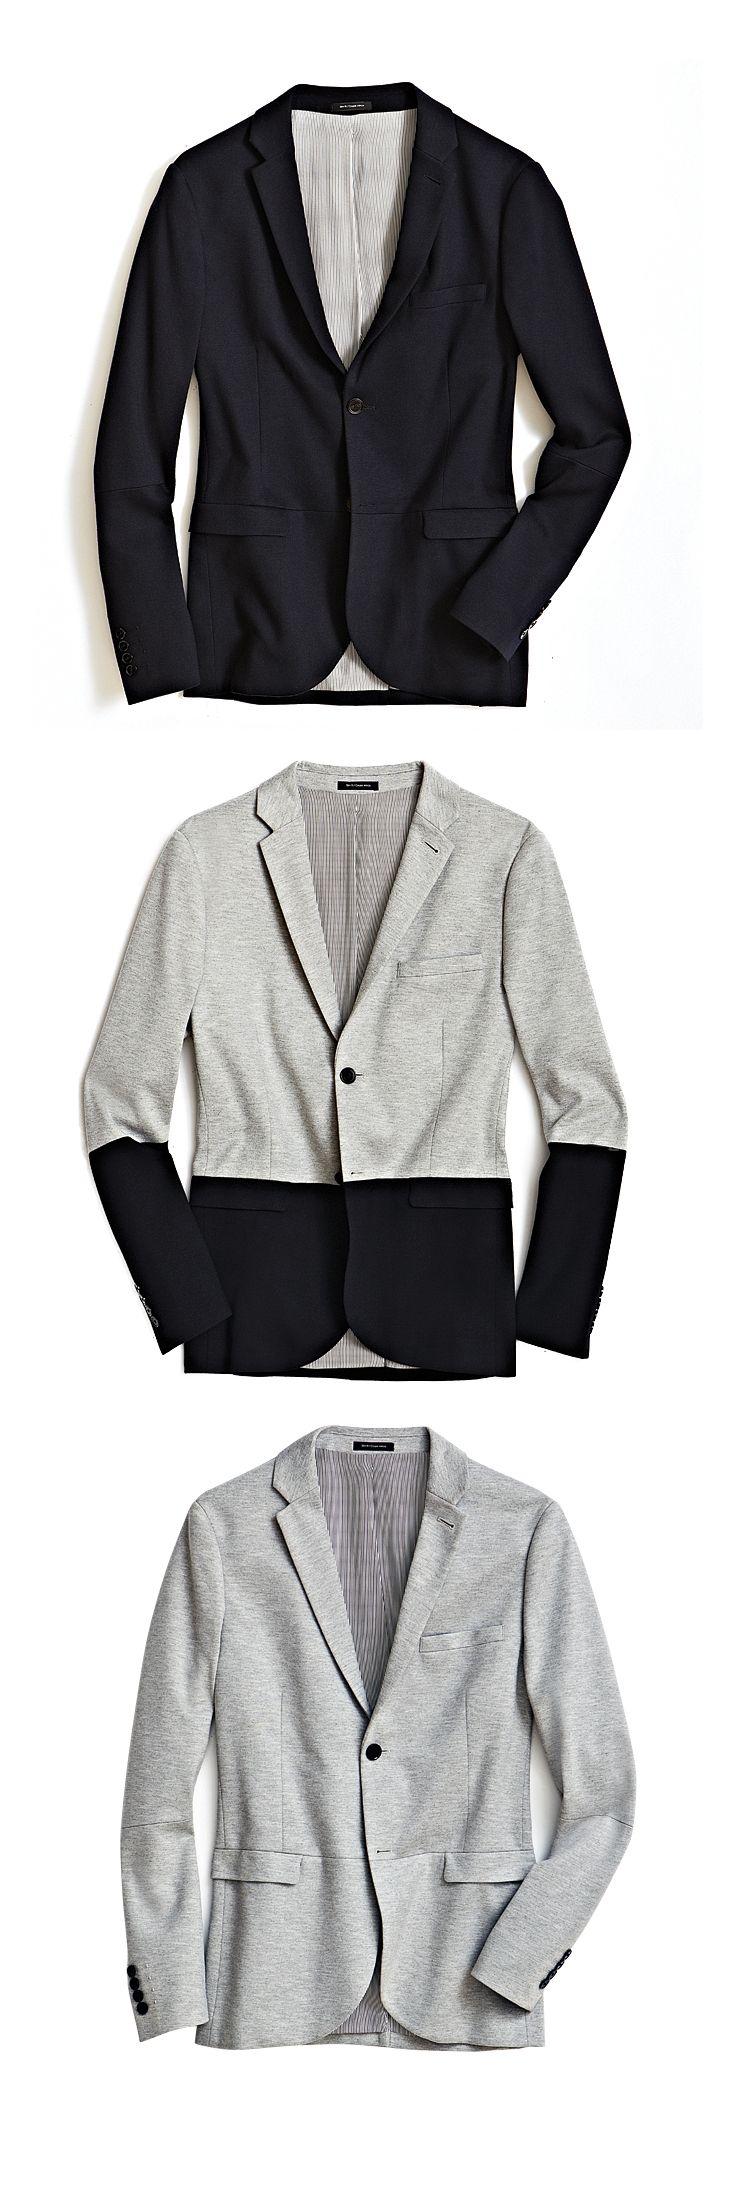 Love these men's blazers